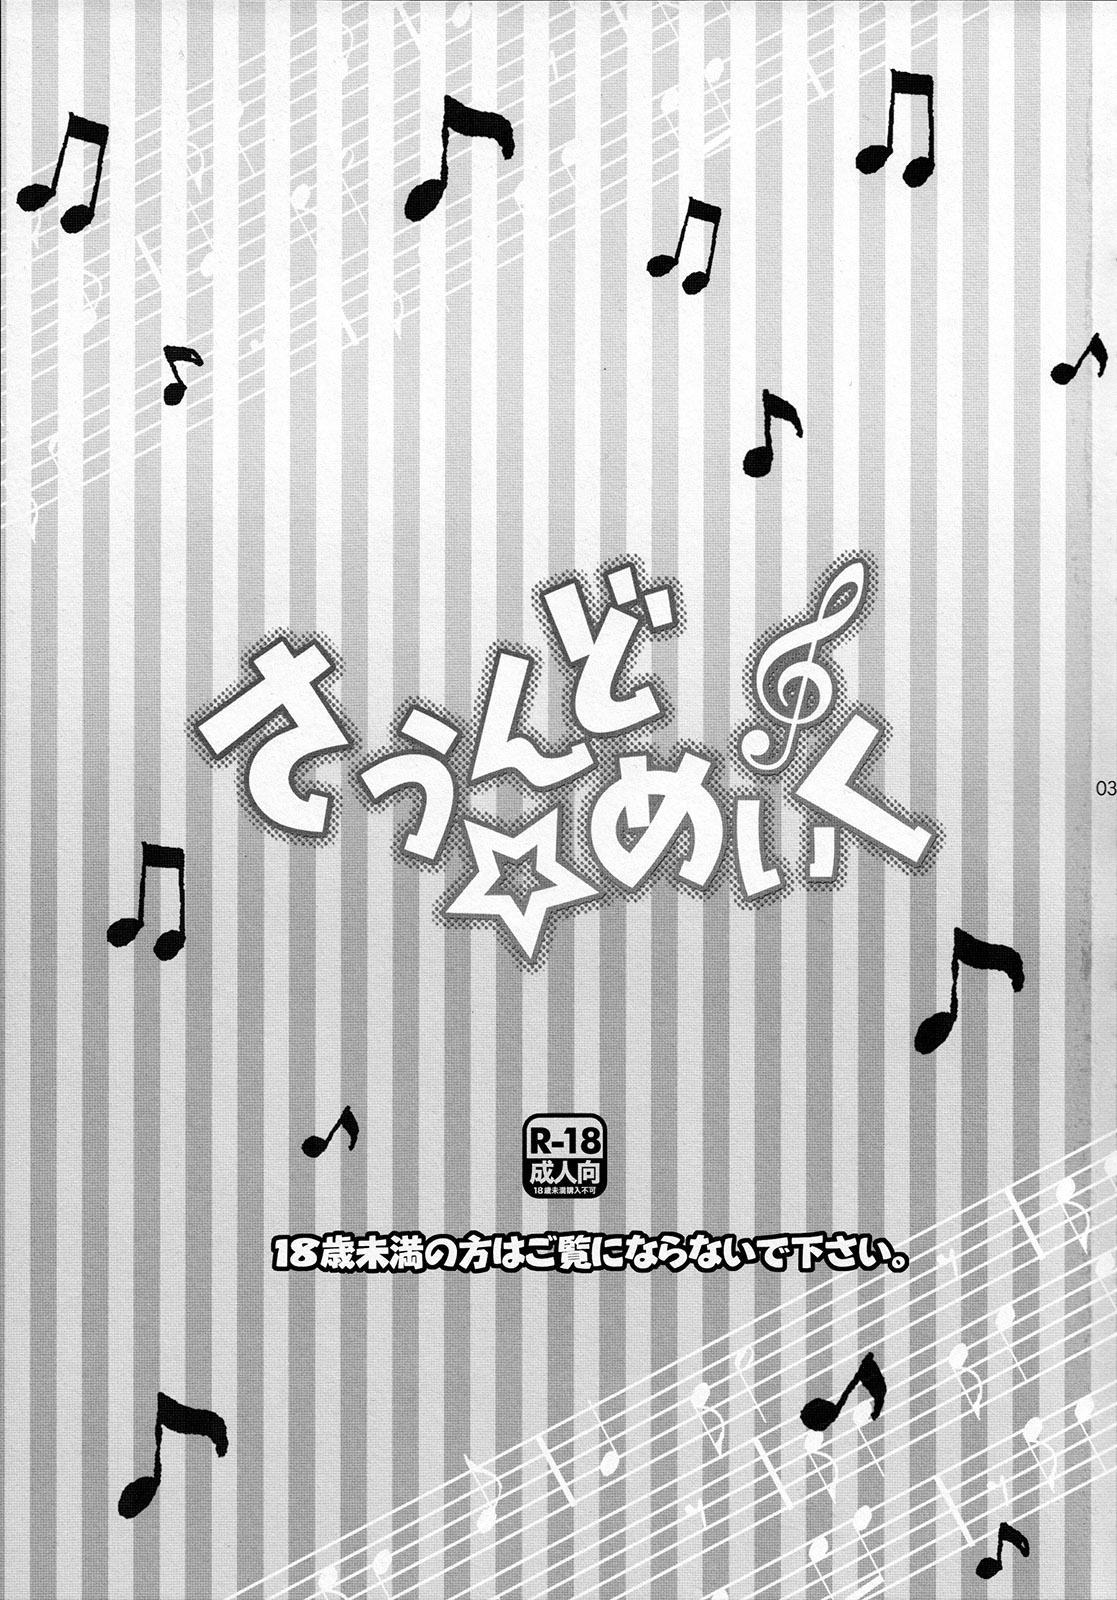 Sound Make 2